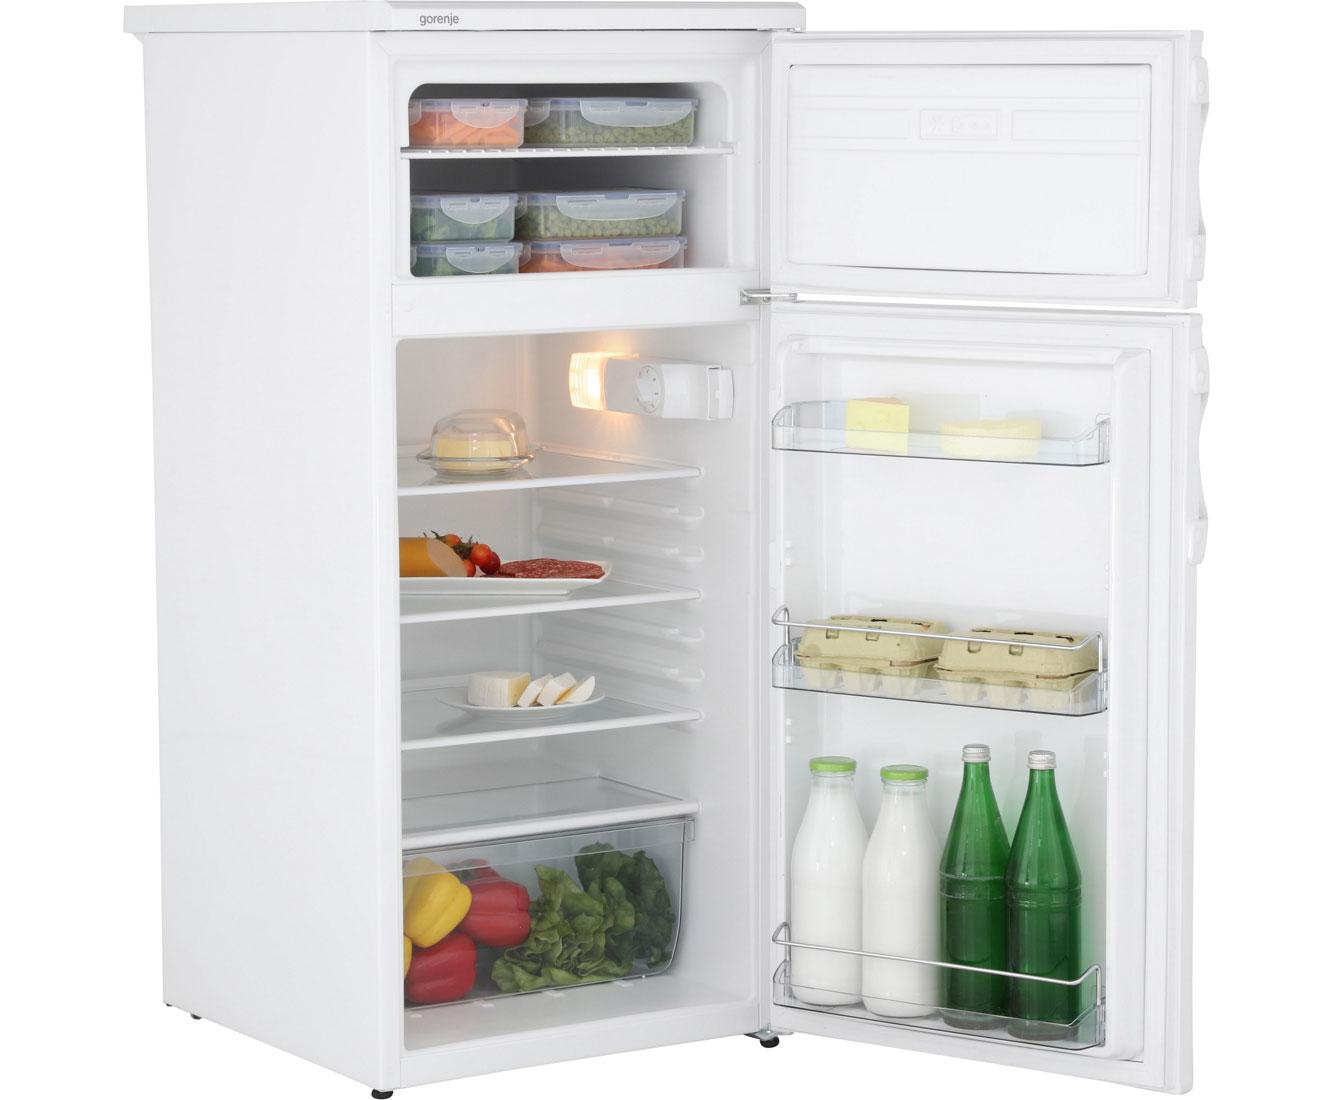 Gorenje Kühlschrank 50 Cm Breit : Gorenje rf aw kühl gefrierkombination er breite weiß a